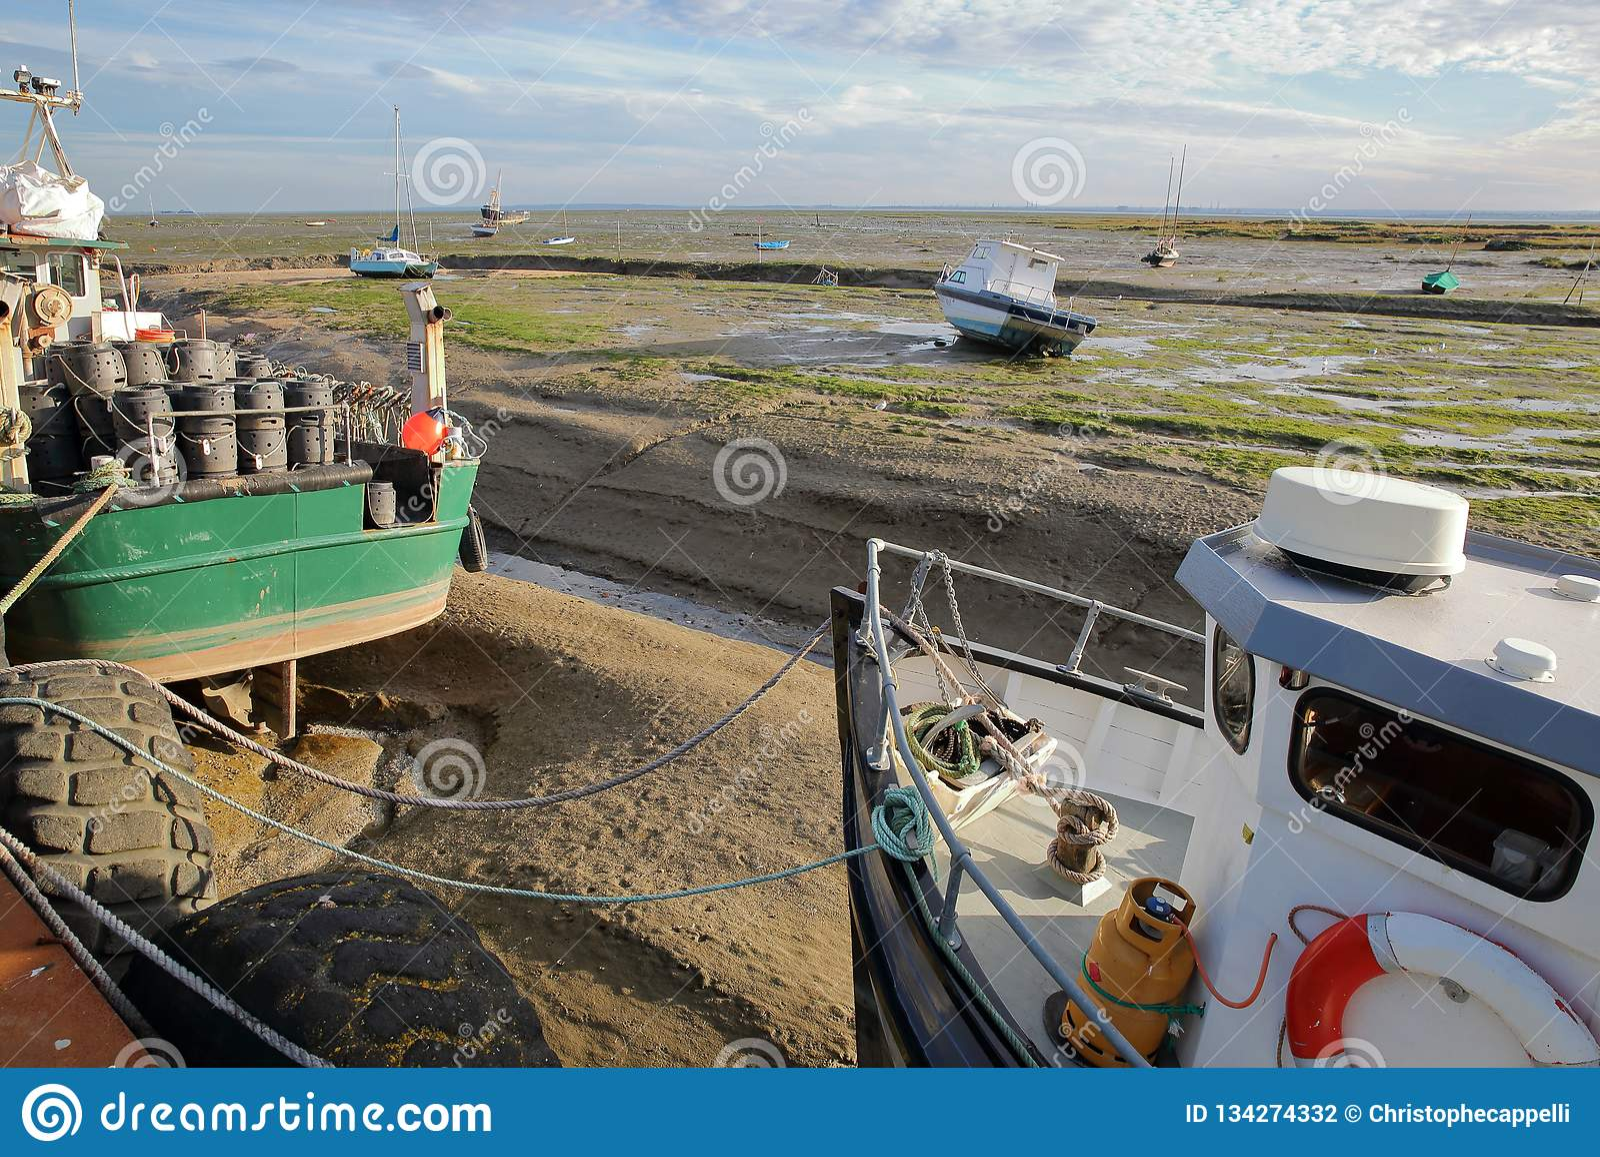 Красочные удя траулеры причаленные на набережной с грязным пляжем во время отлива на заднем плане, Leigh на море